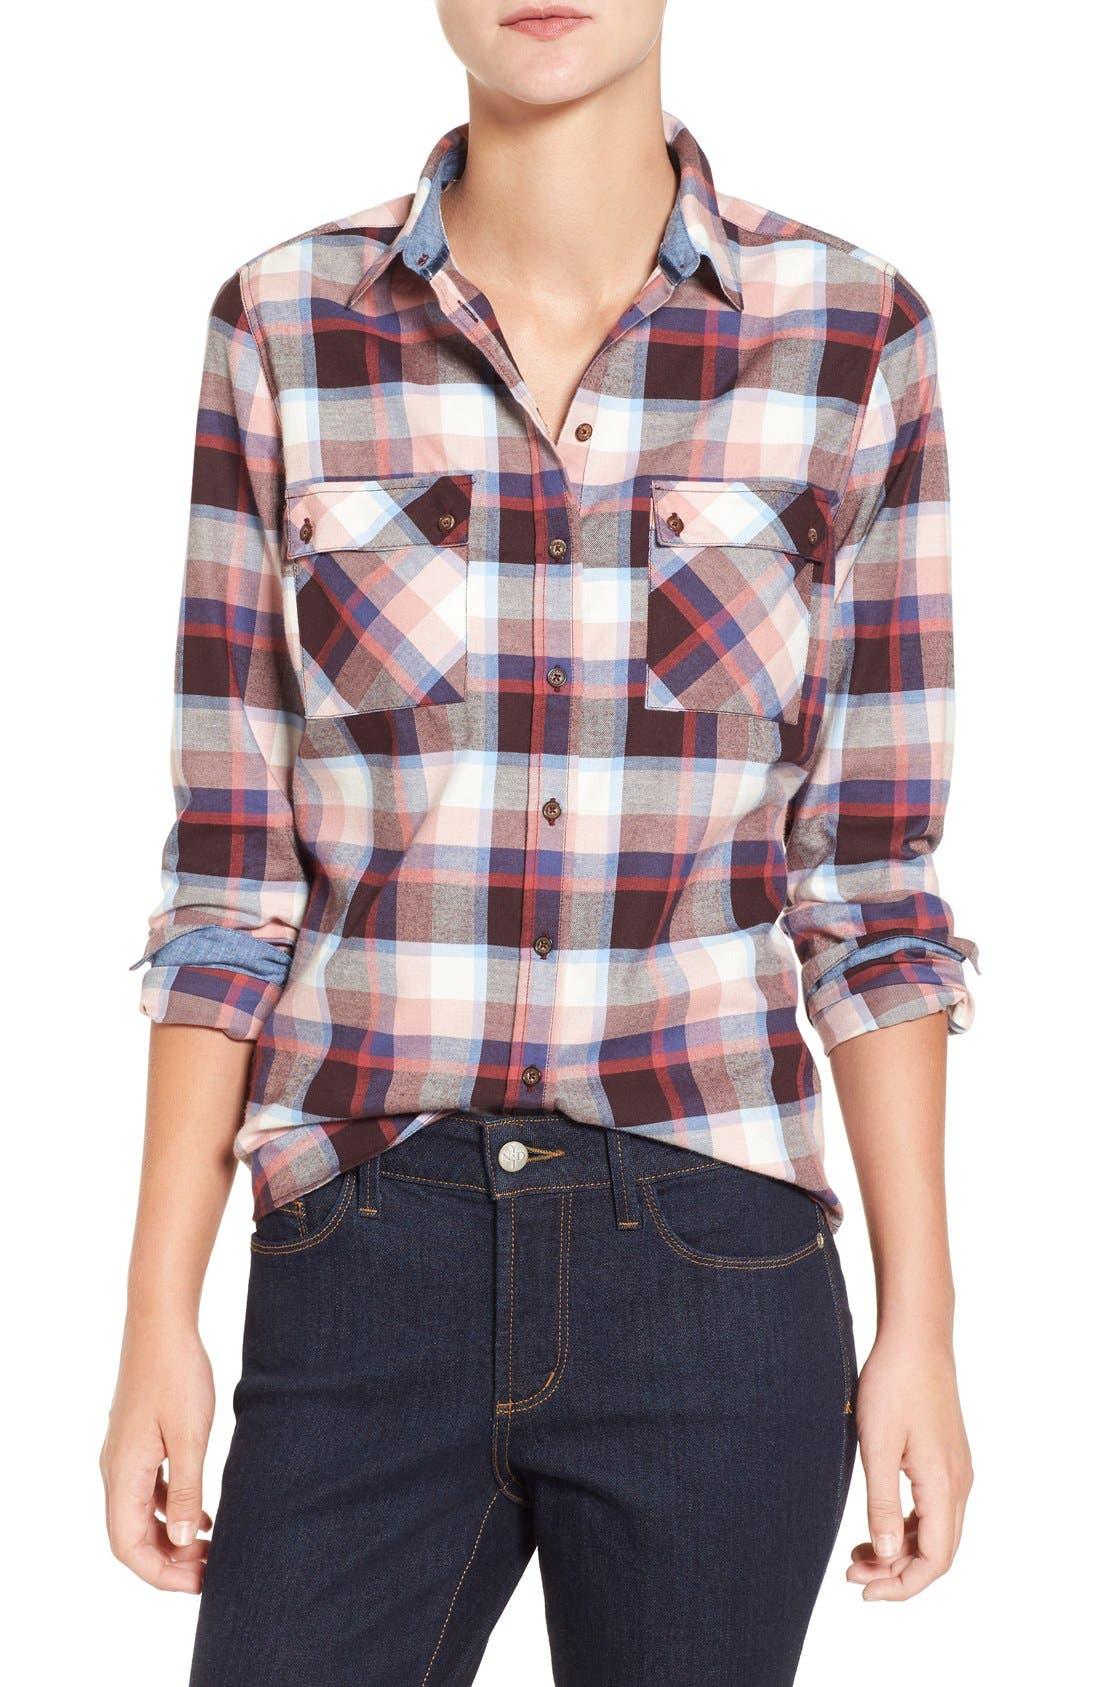 Main Image - Barbour 'Darwen' Plaid Shirt